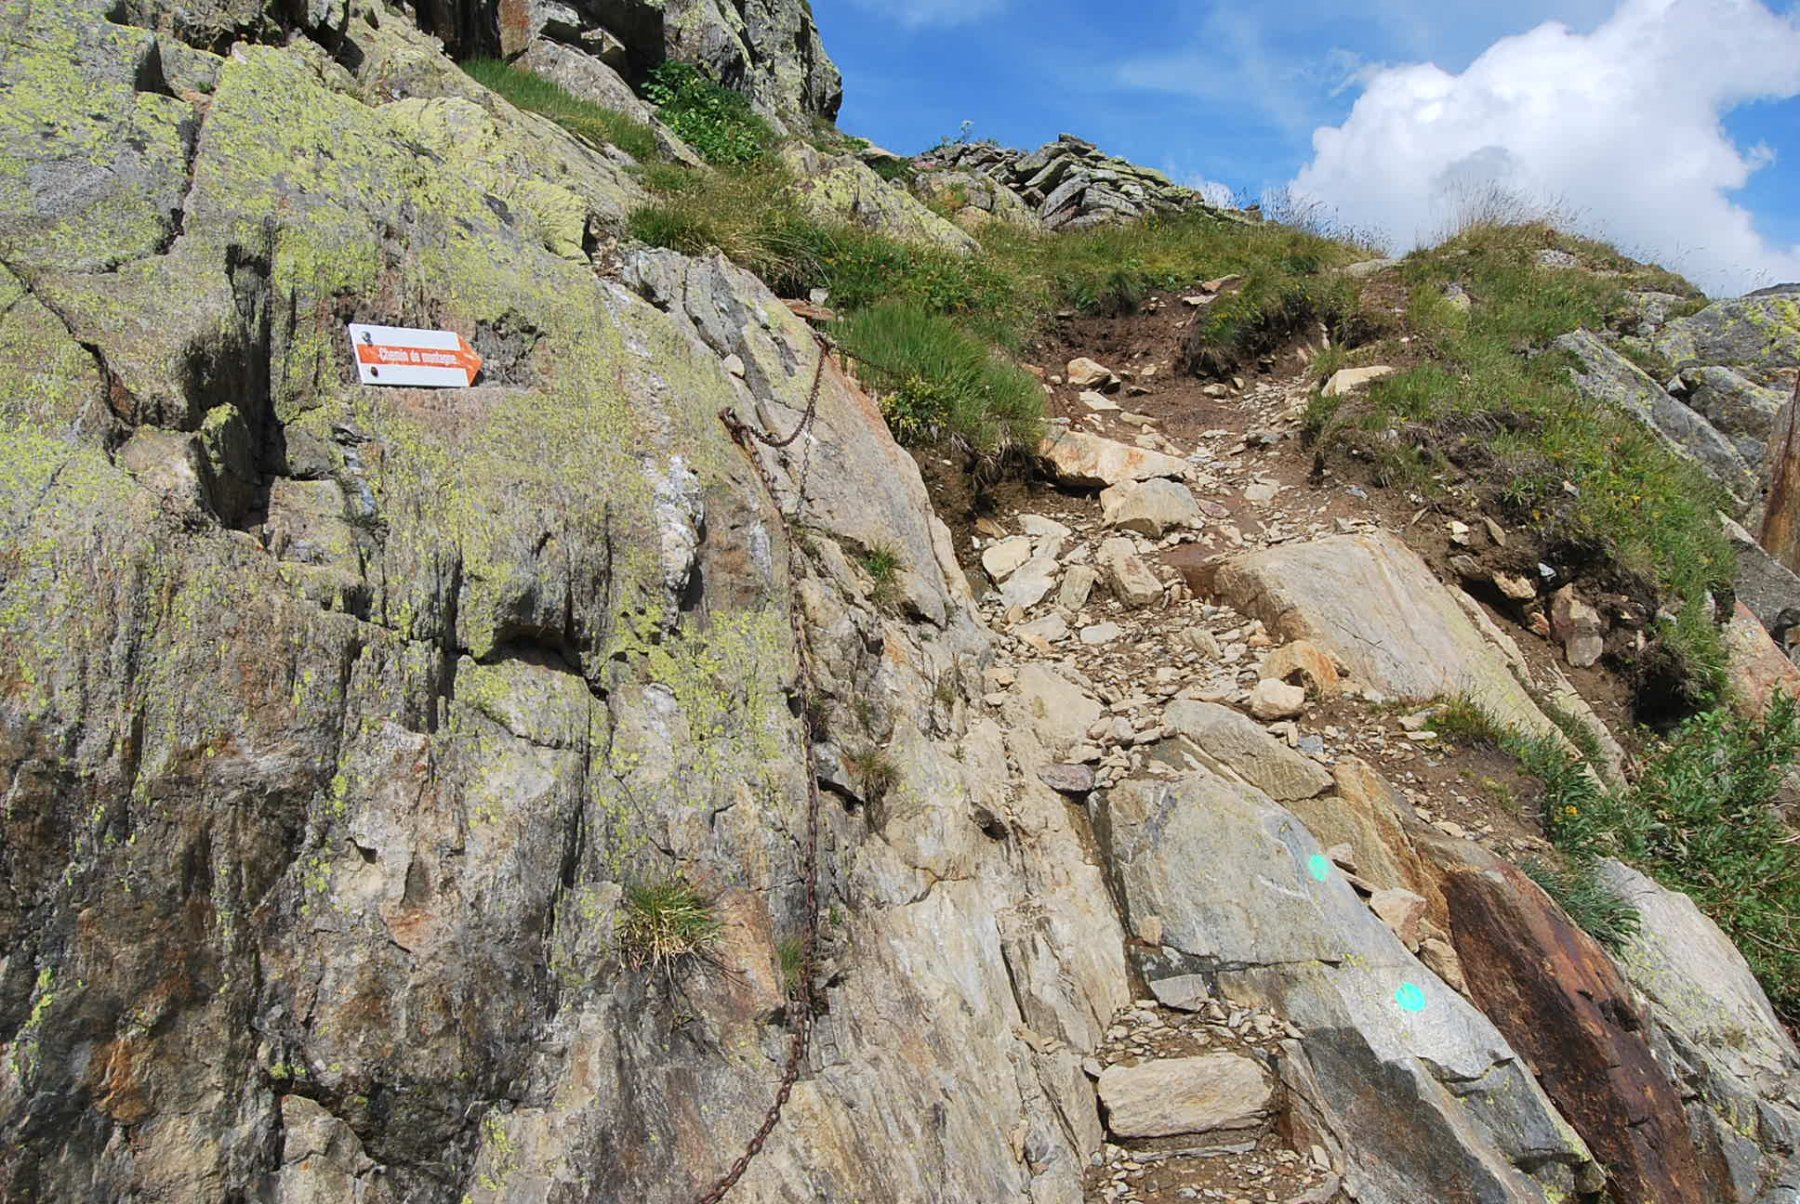 """Il sentiero alla partenza, contraddistinto dall'indicazione """"Chemin de montagne""""."""